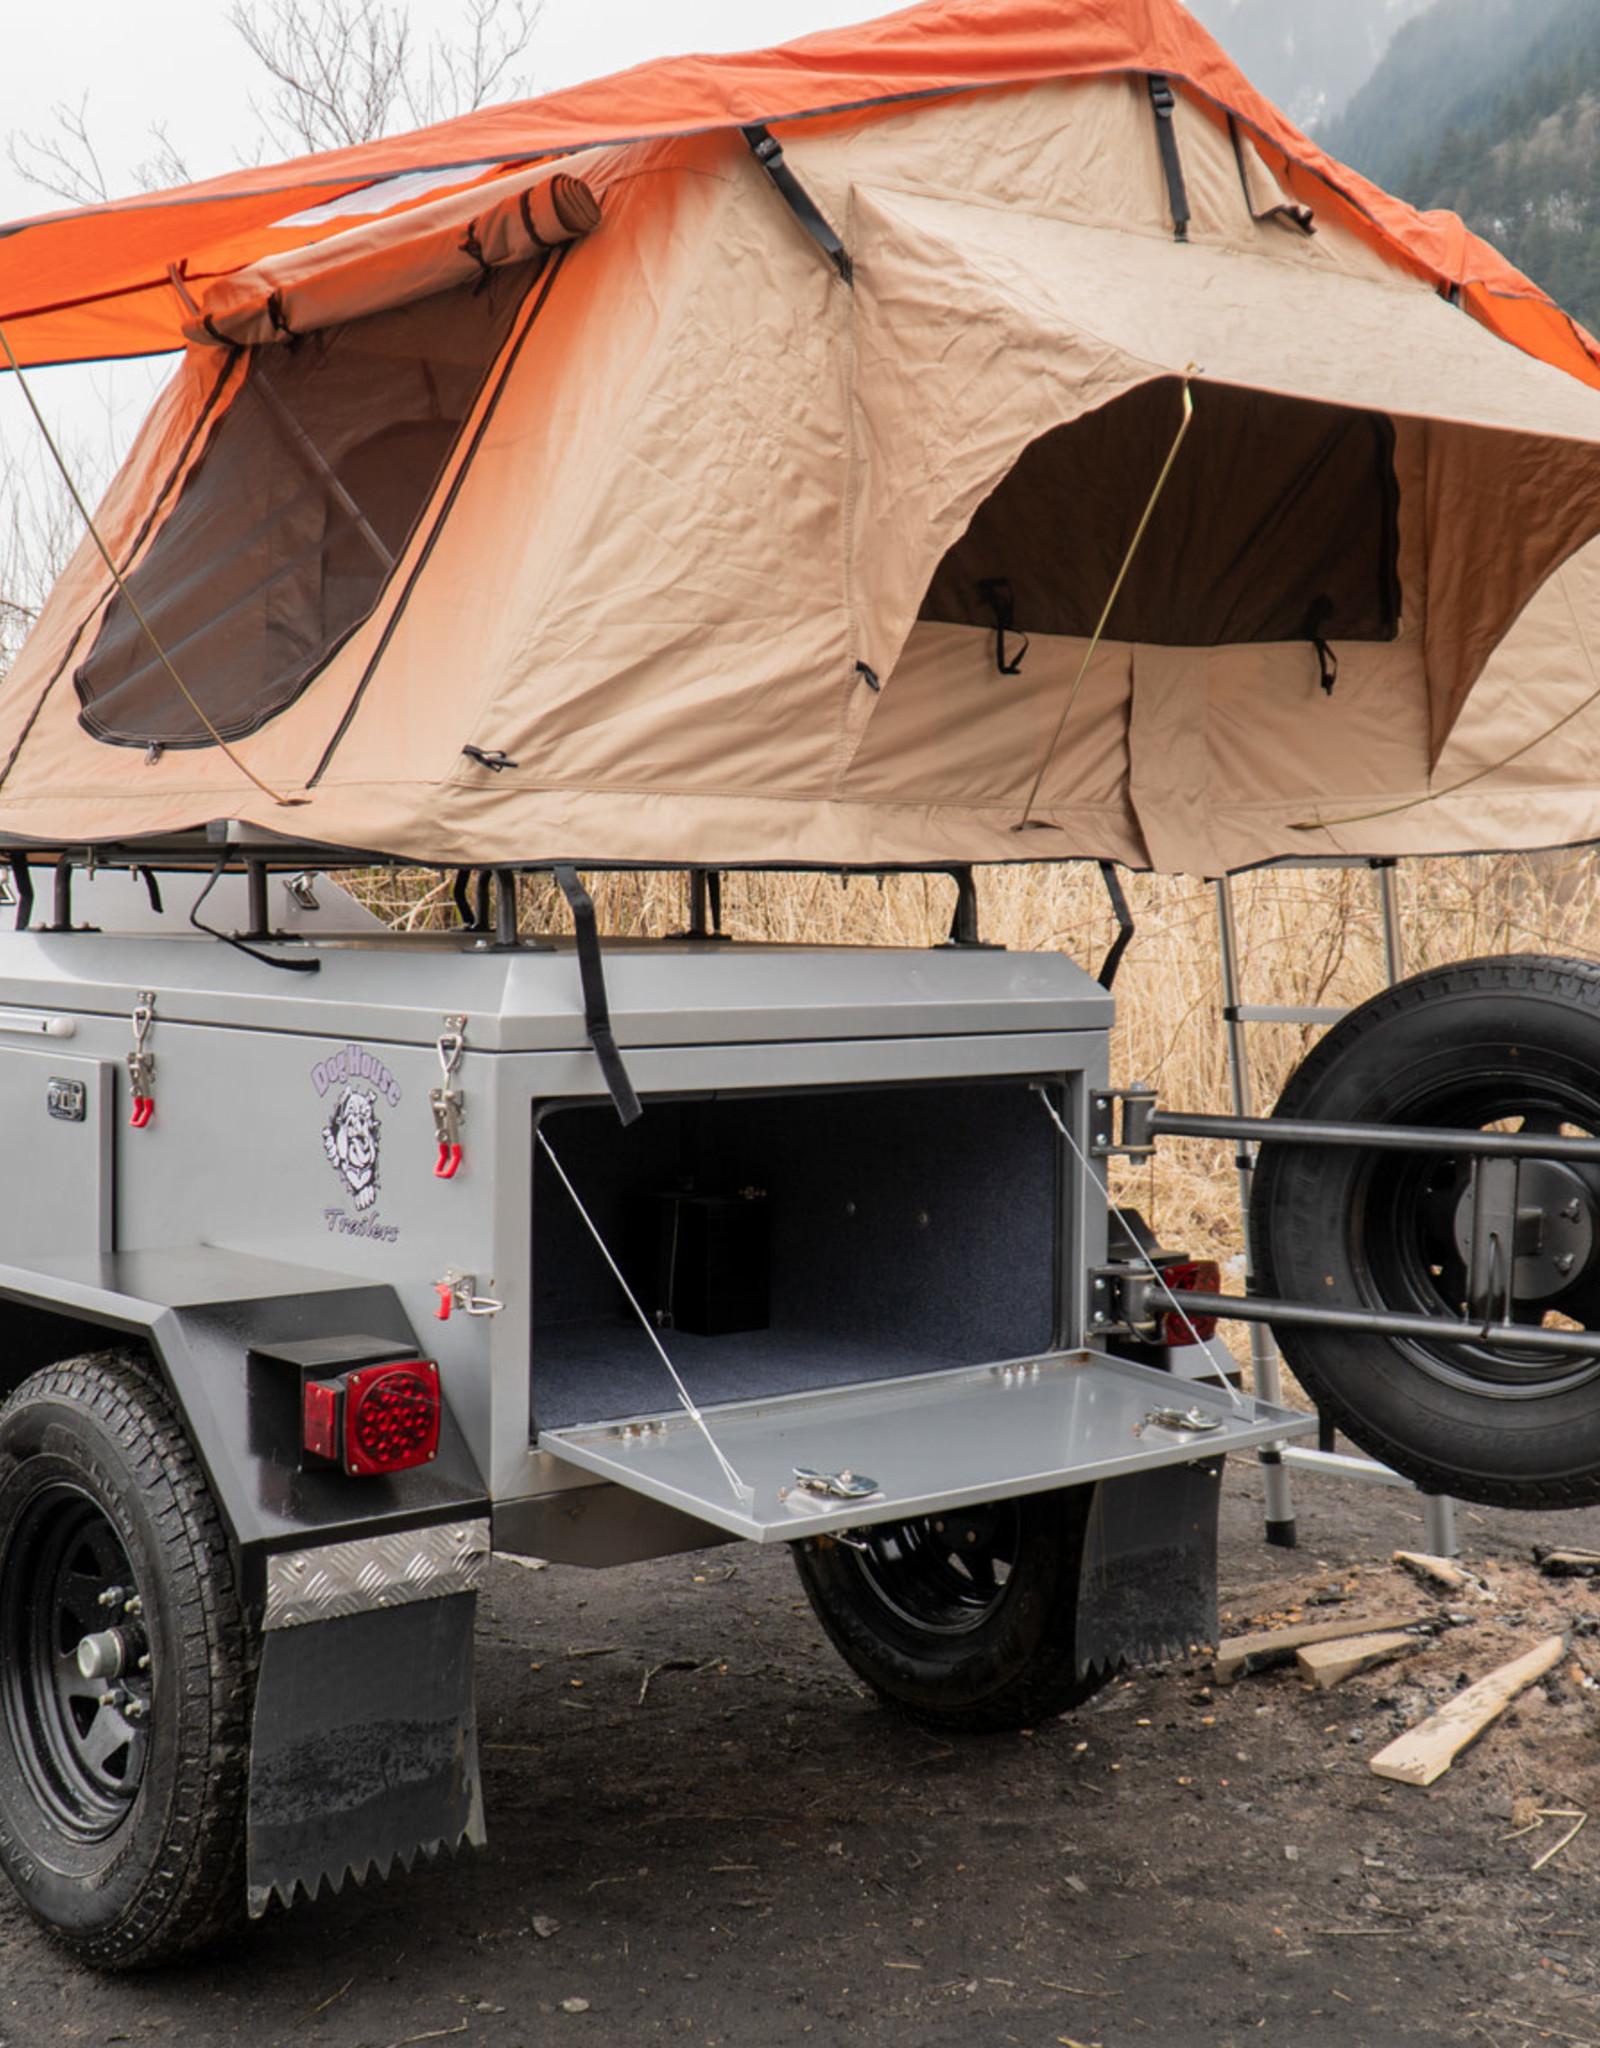 Dog House Badlands Tent